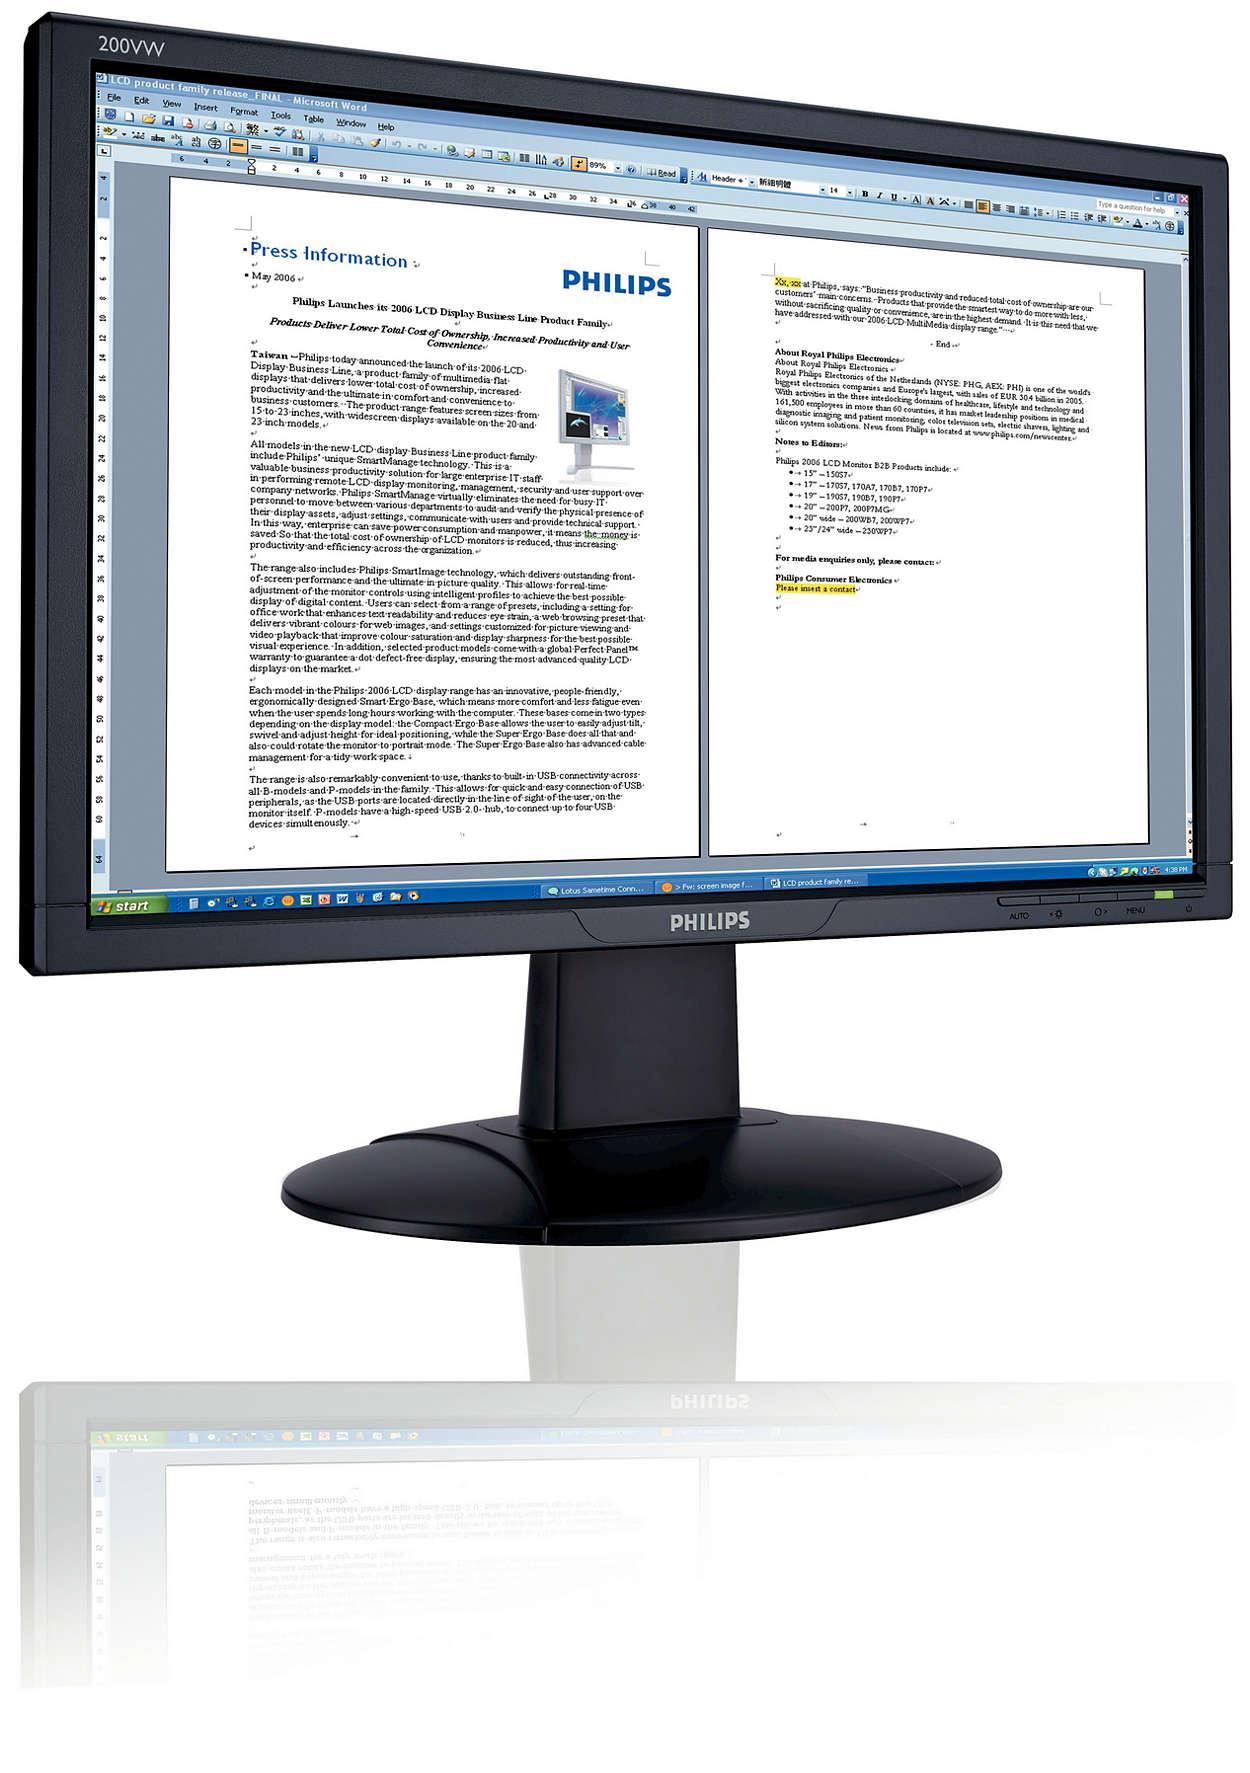 Изпълнение на широк екран в рамките на вашия бюджет